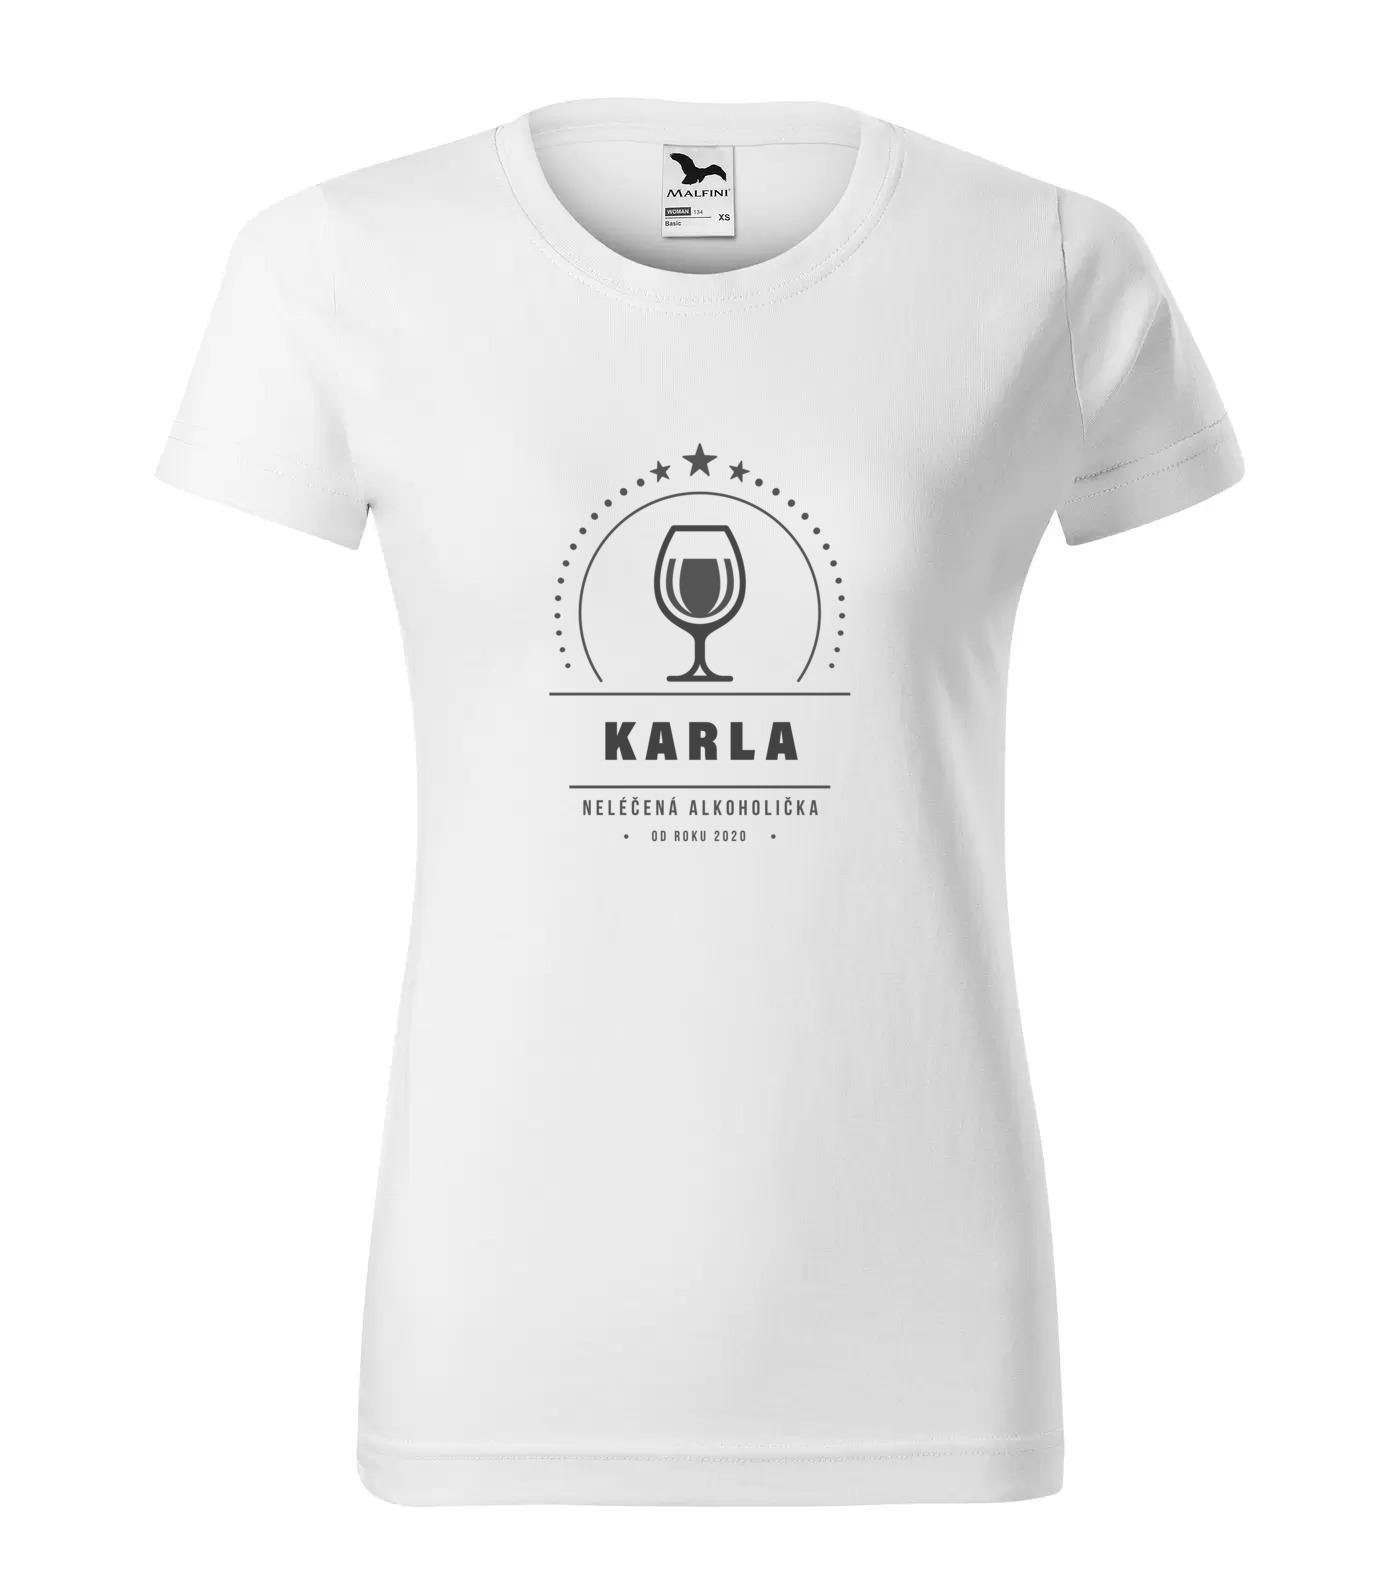 Tričko Alkoholička Karla